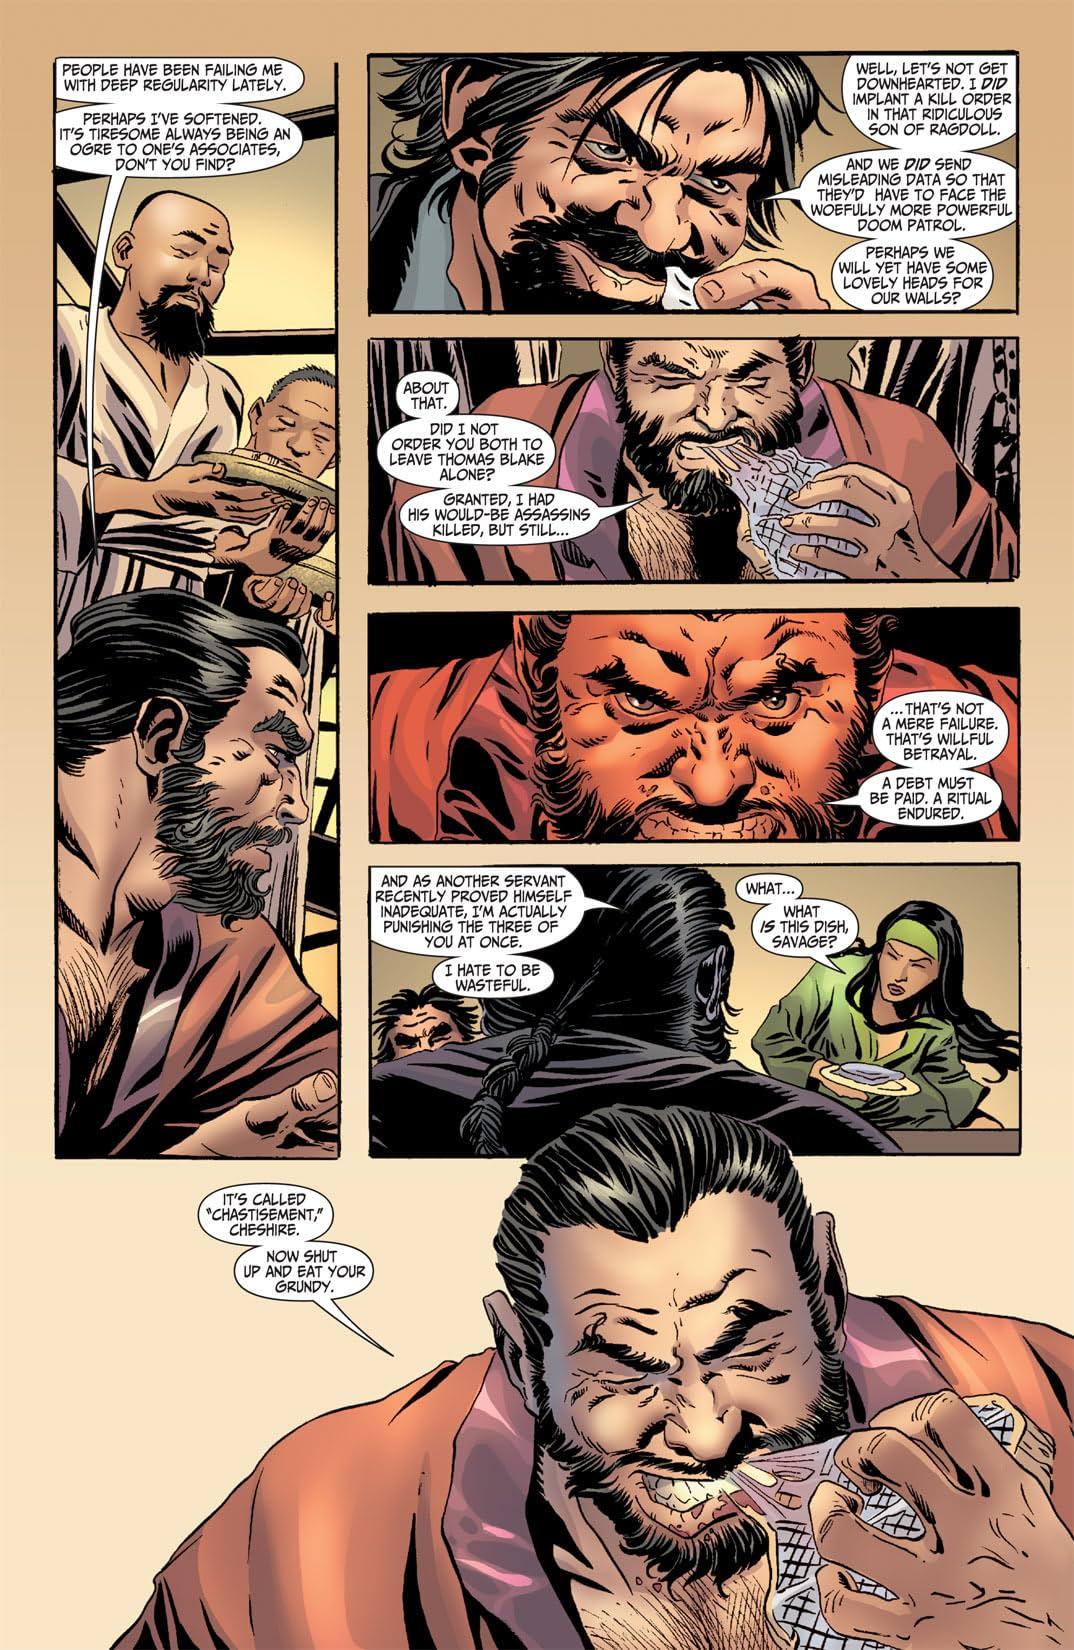 Secret Six (2006) #4 (of 6)